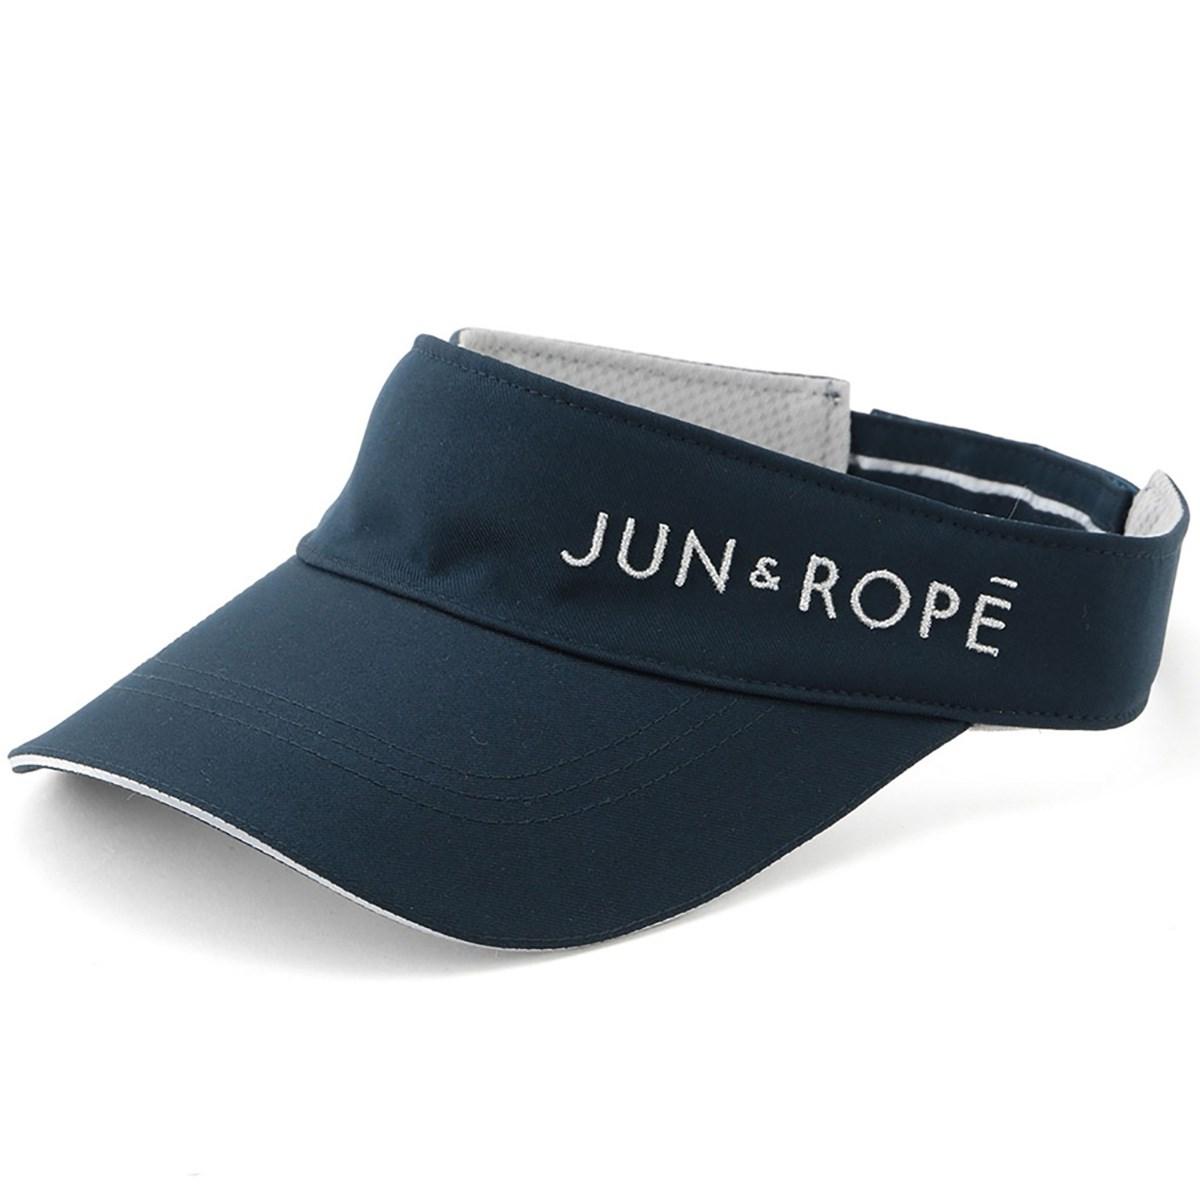 ジュン アンド ロペ JUN & ROPE ロゴ入りサンバイザー フリー ネイビー 40 レディス